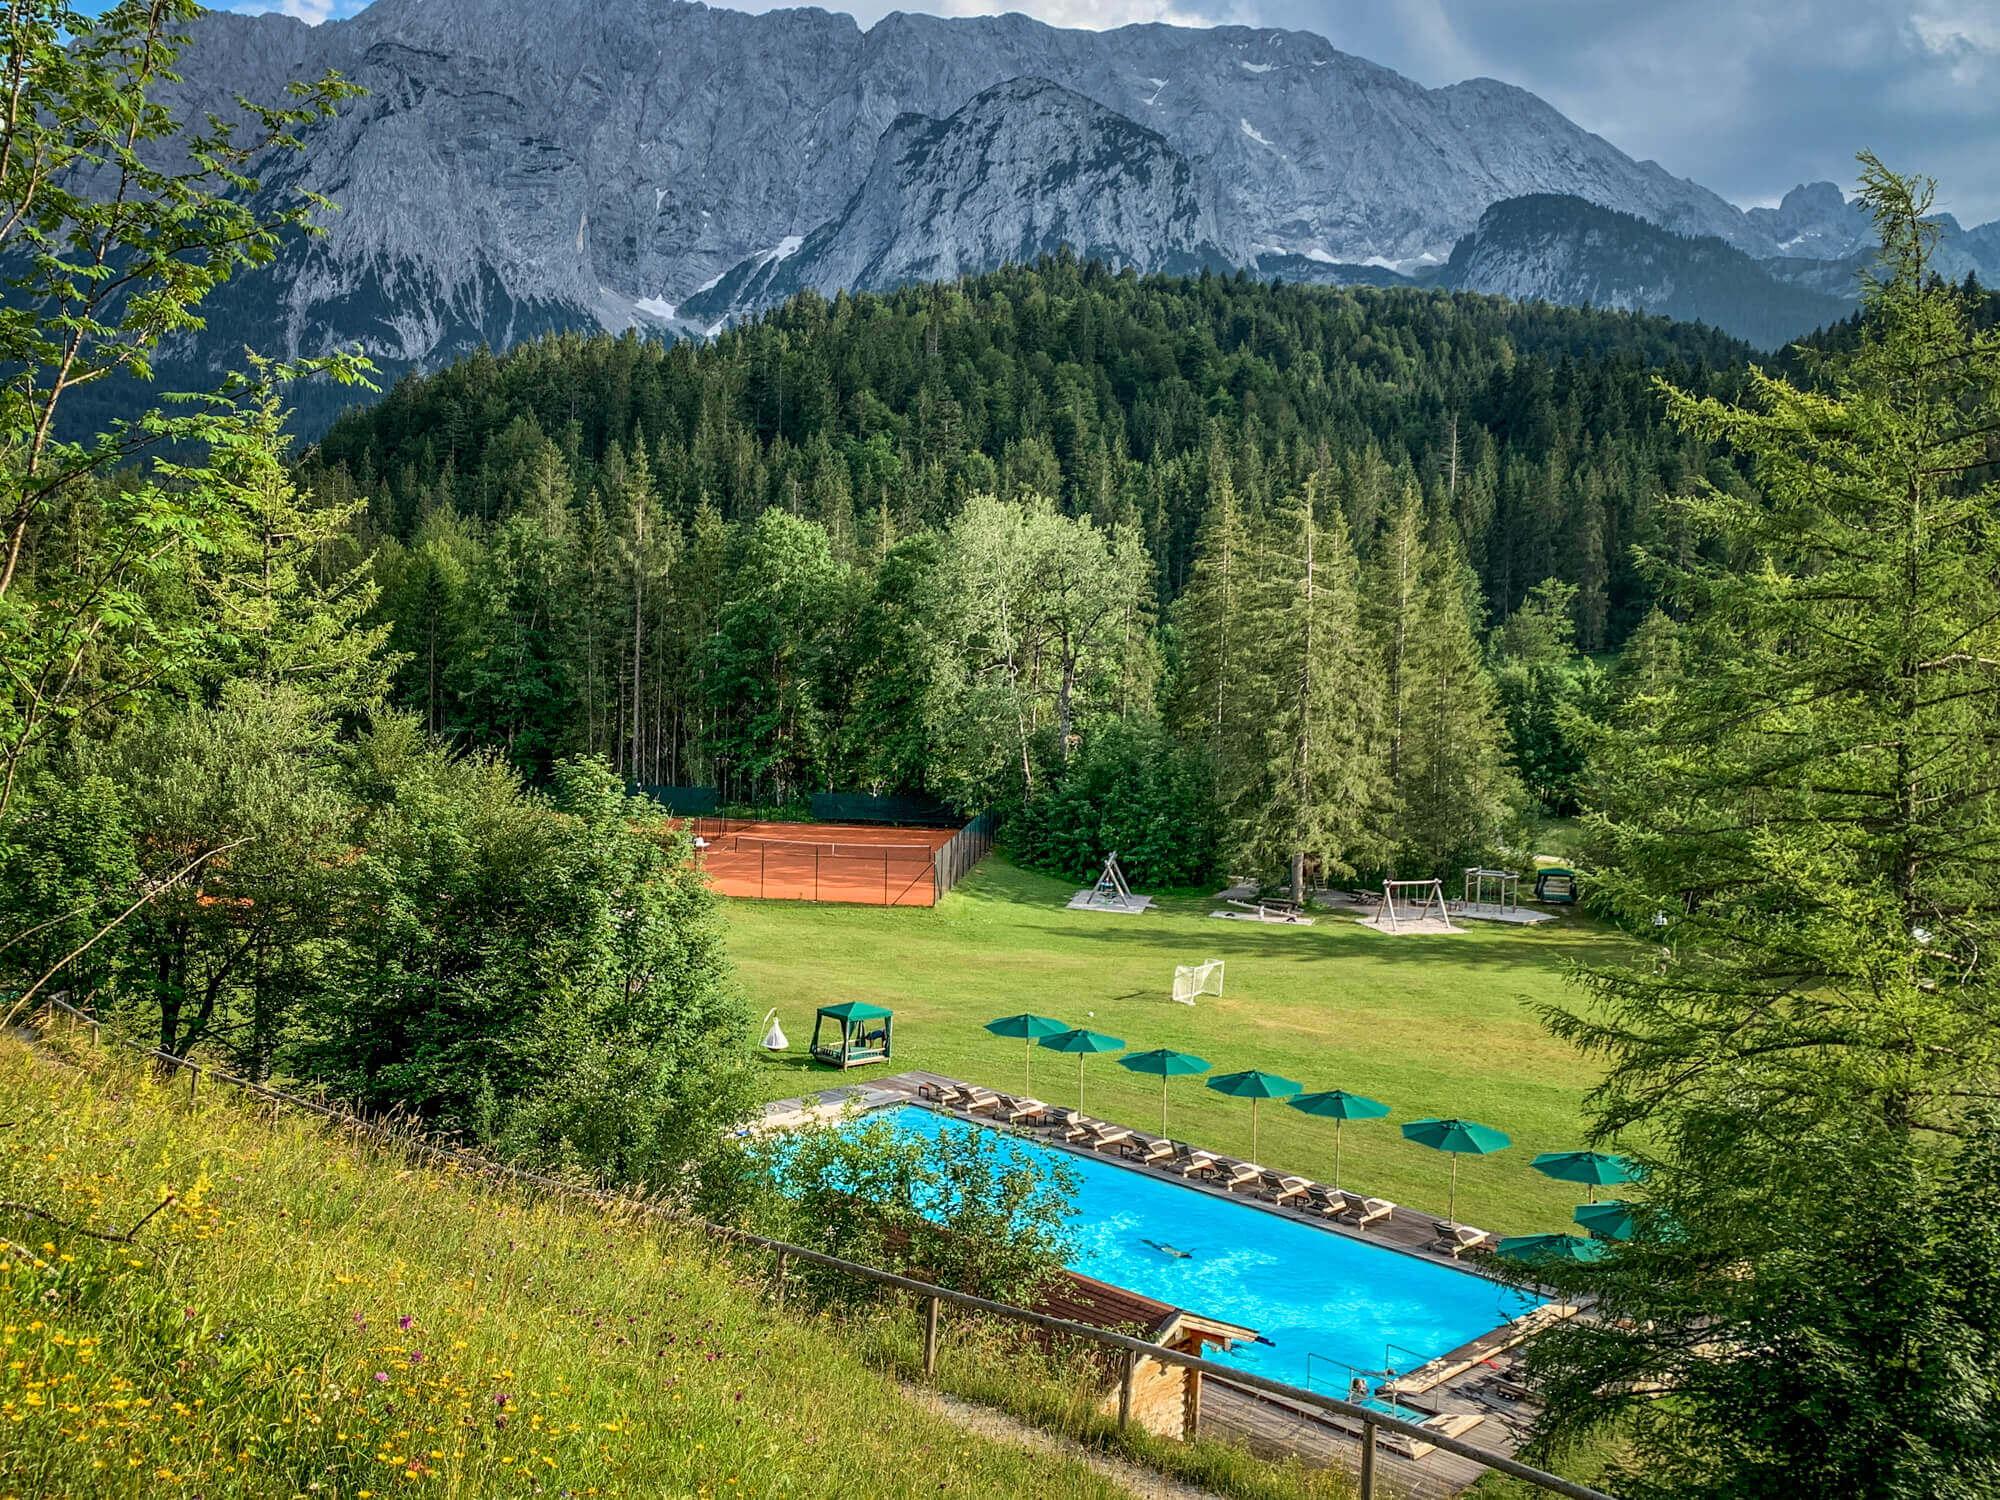 Schloss Elmau pool view